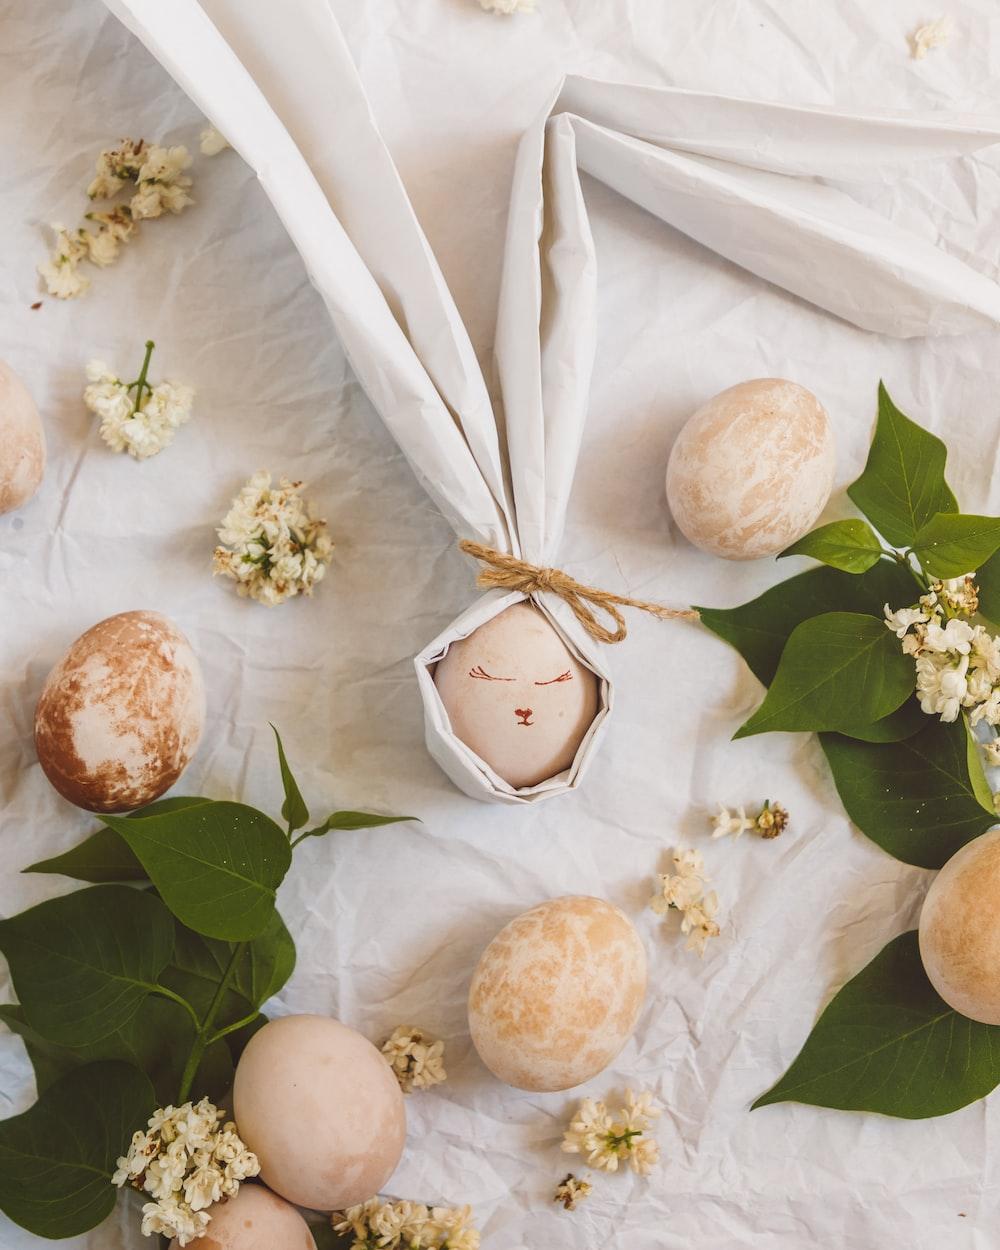 white and brown round fruit on white textile